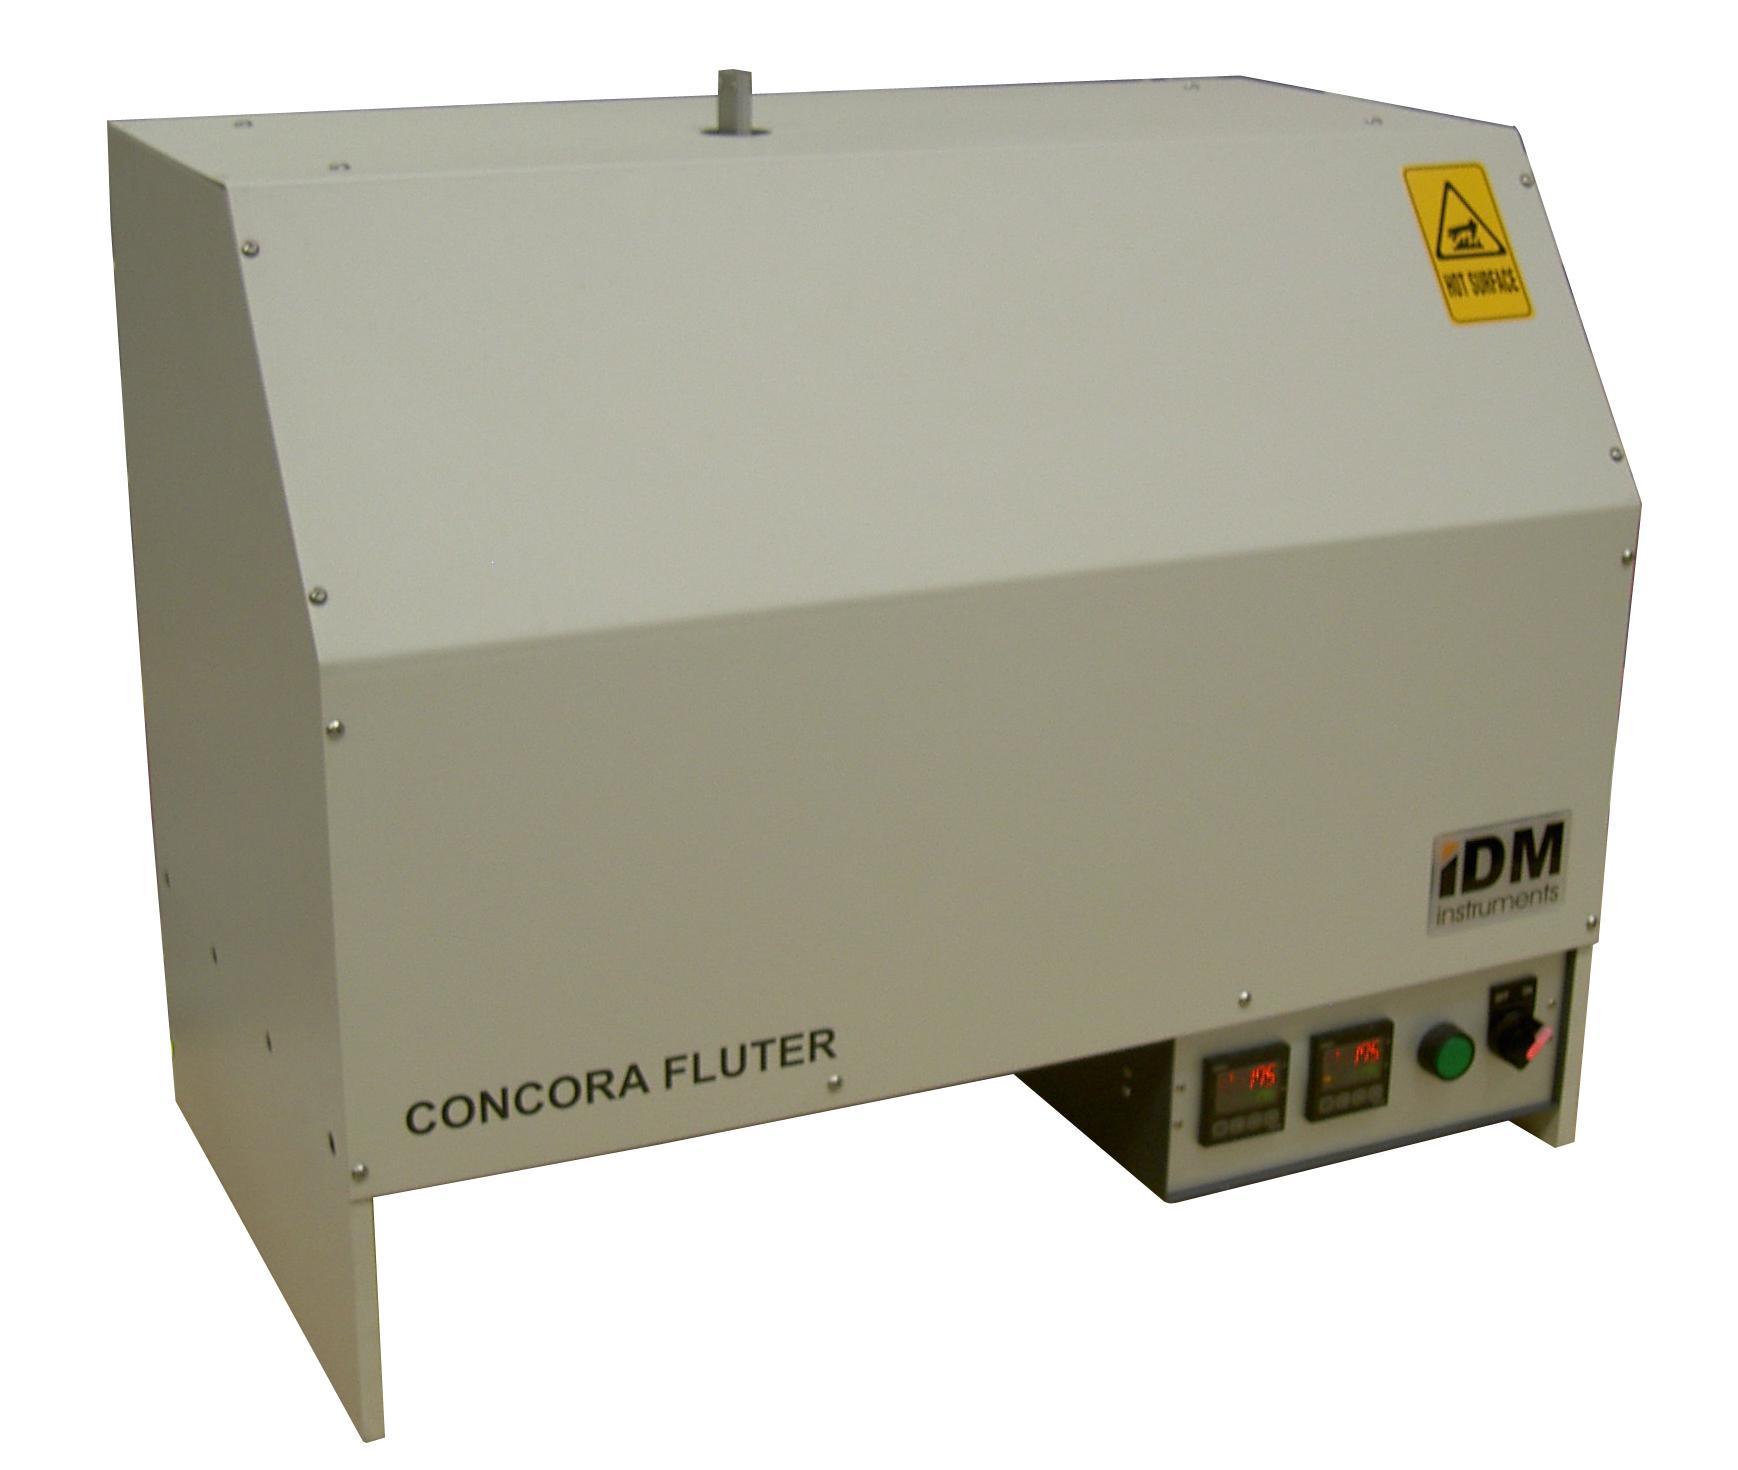 C0013 - Concora Fluter